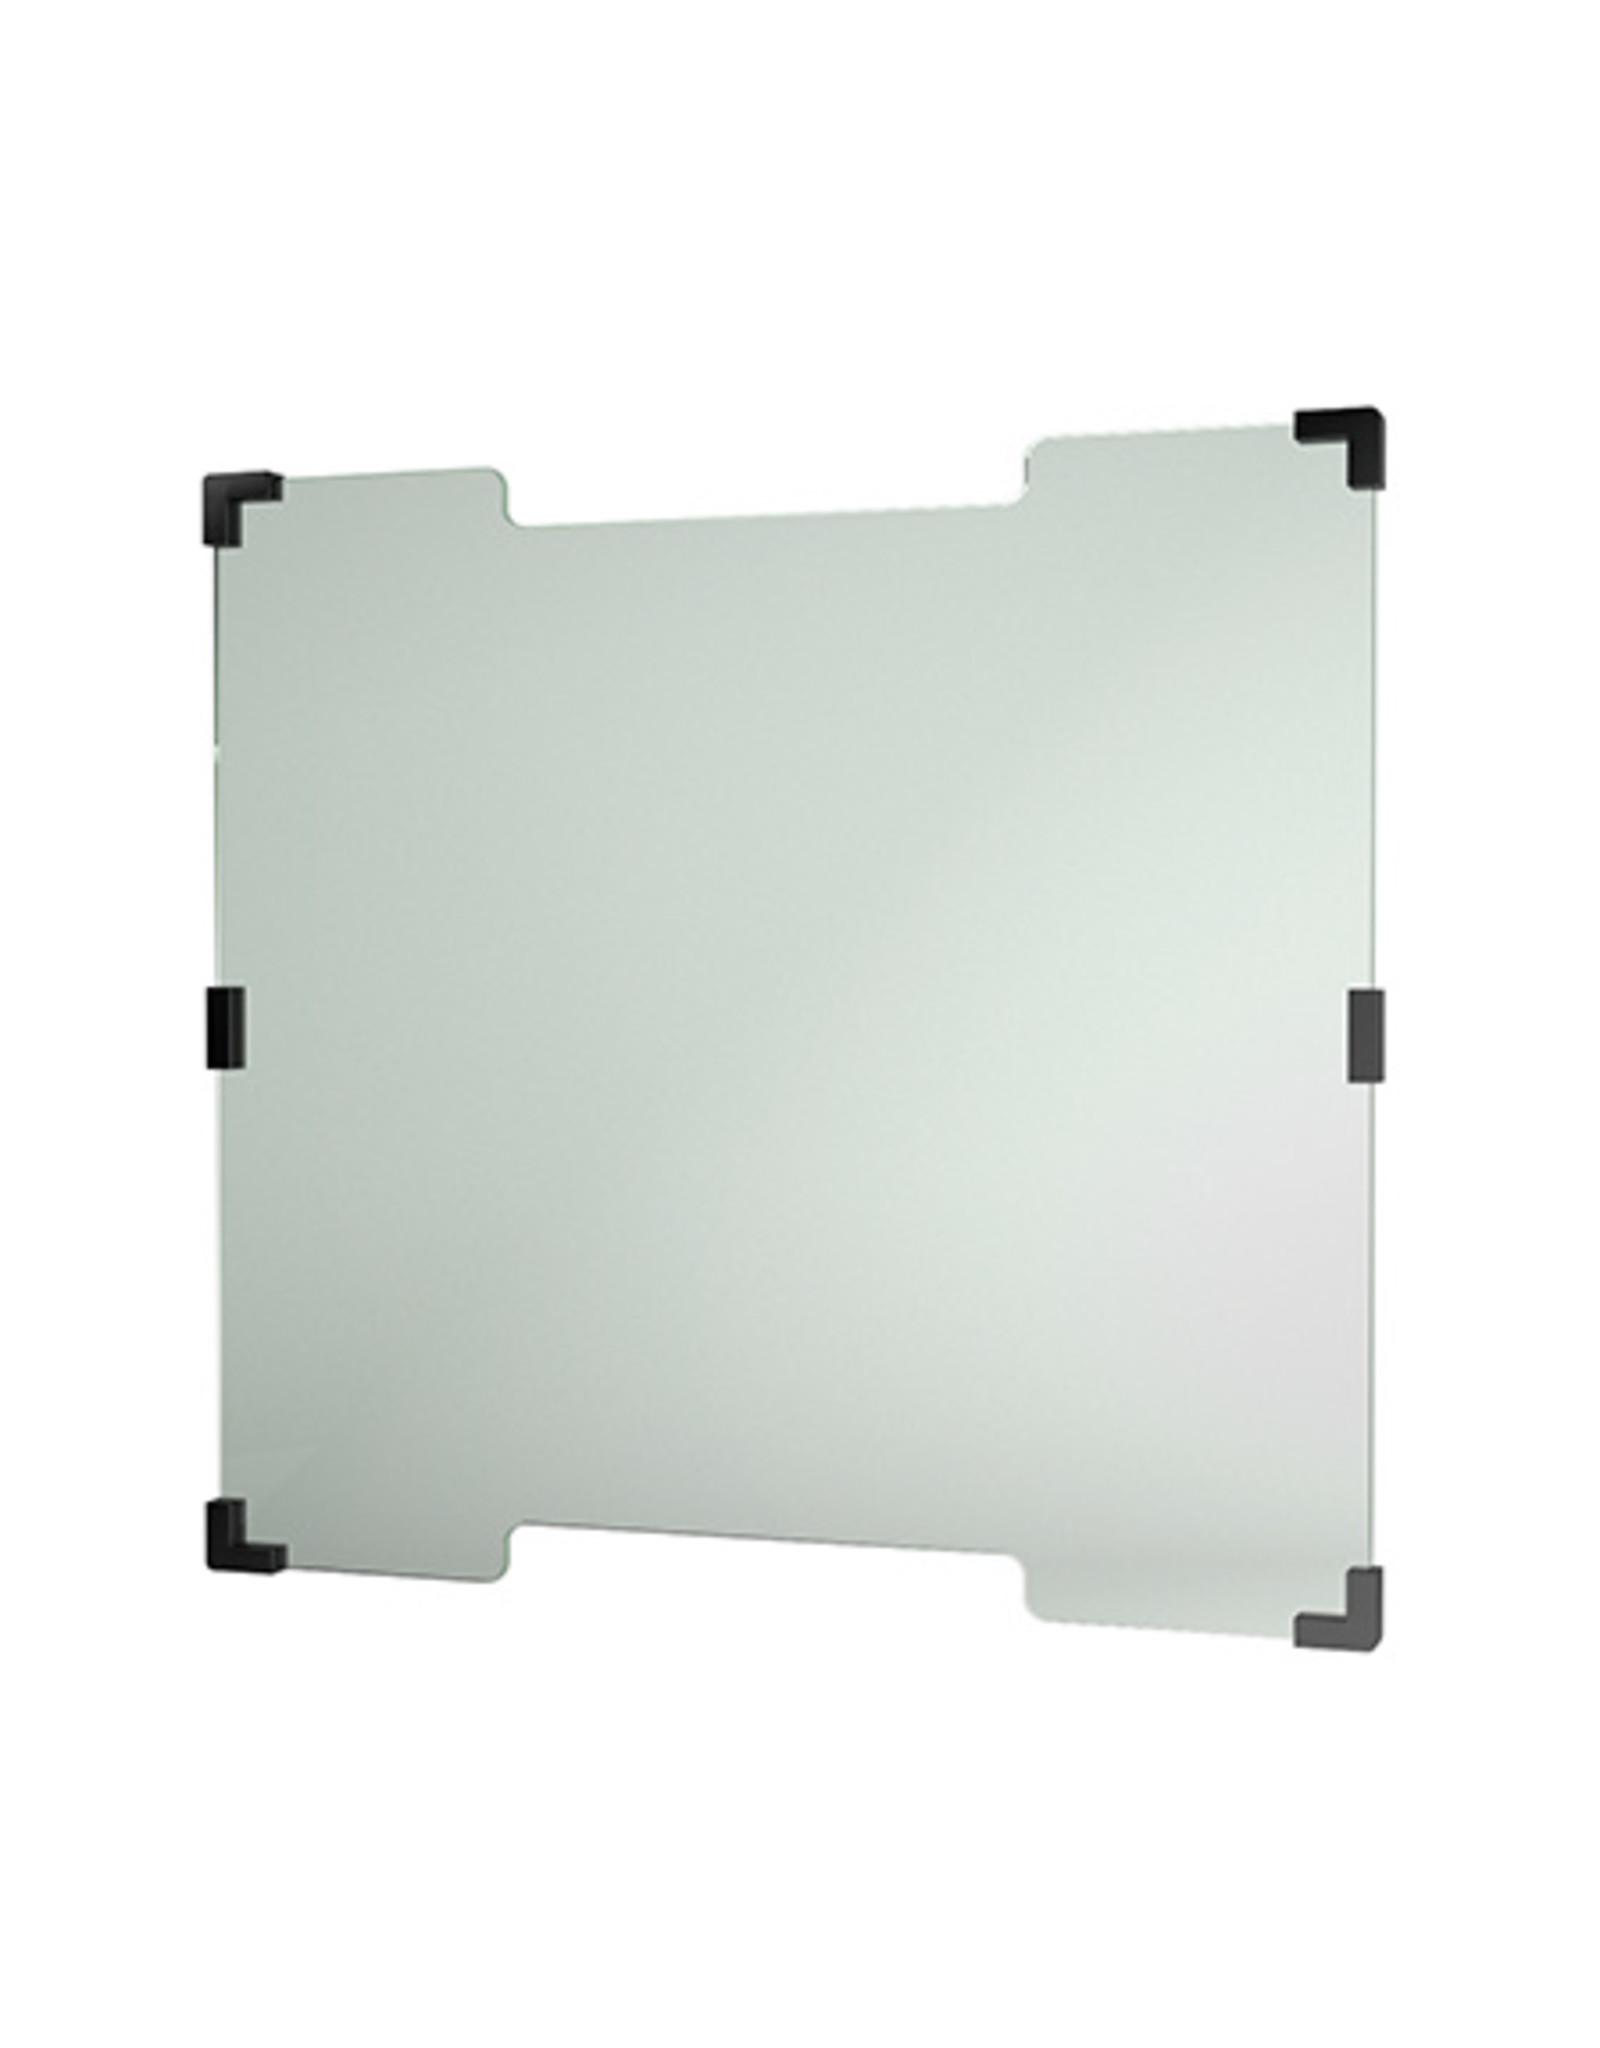 Zortrax Zortrax M300 Plus / M300 Dual Glass Build Plate